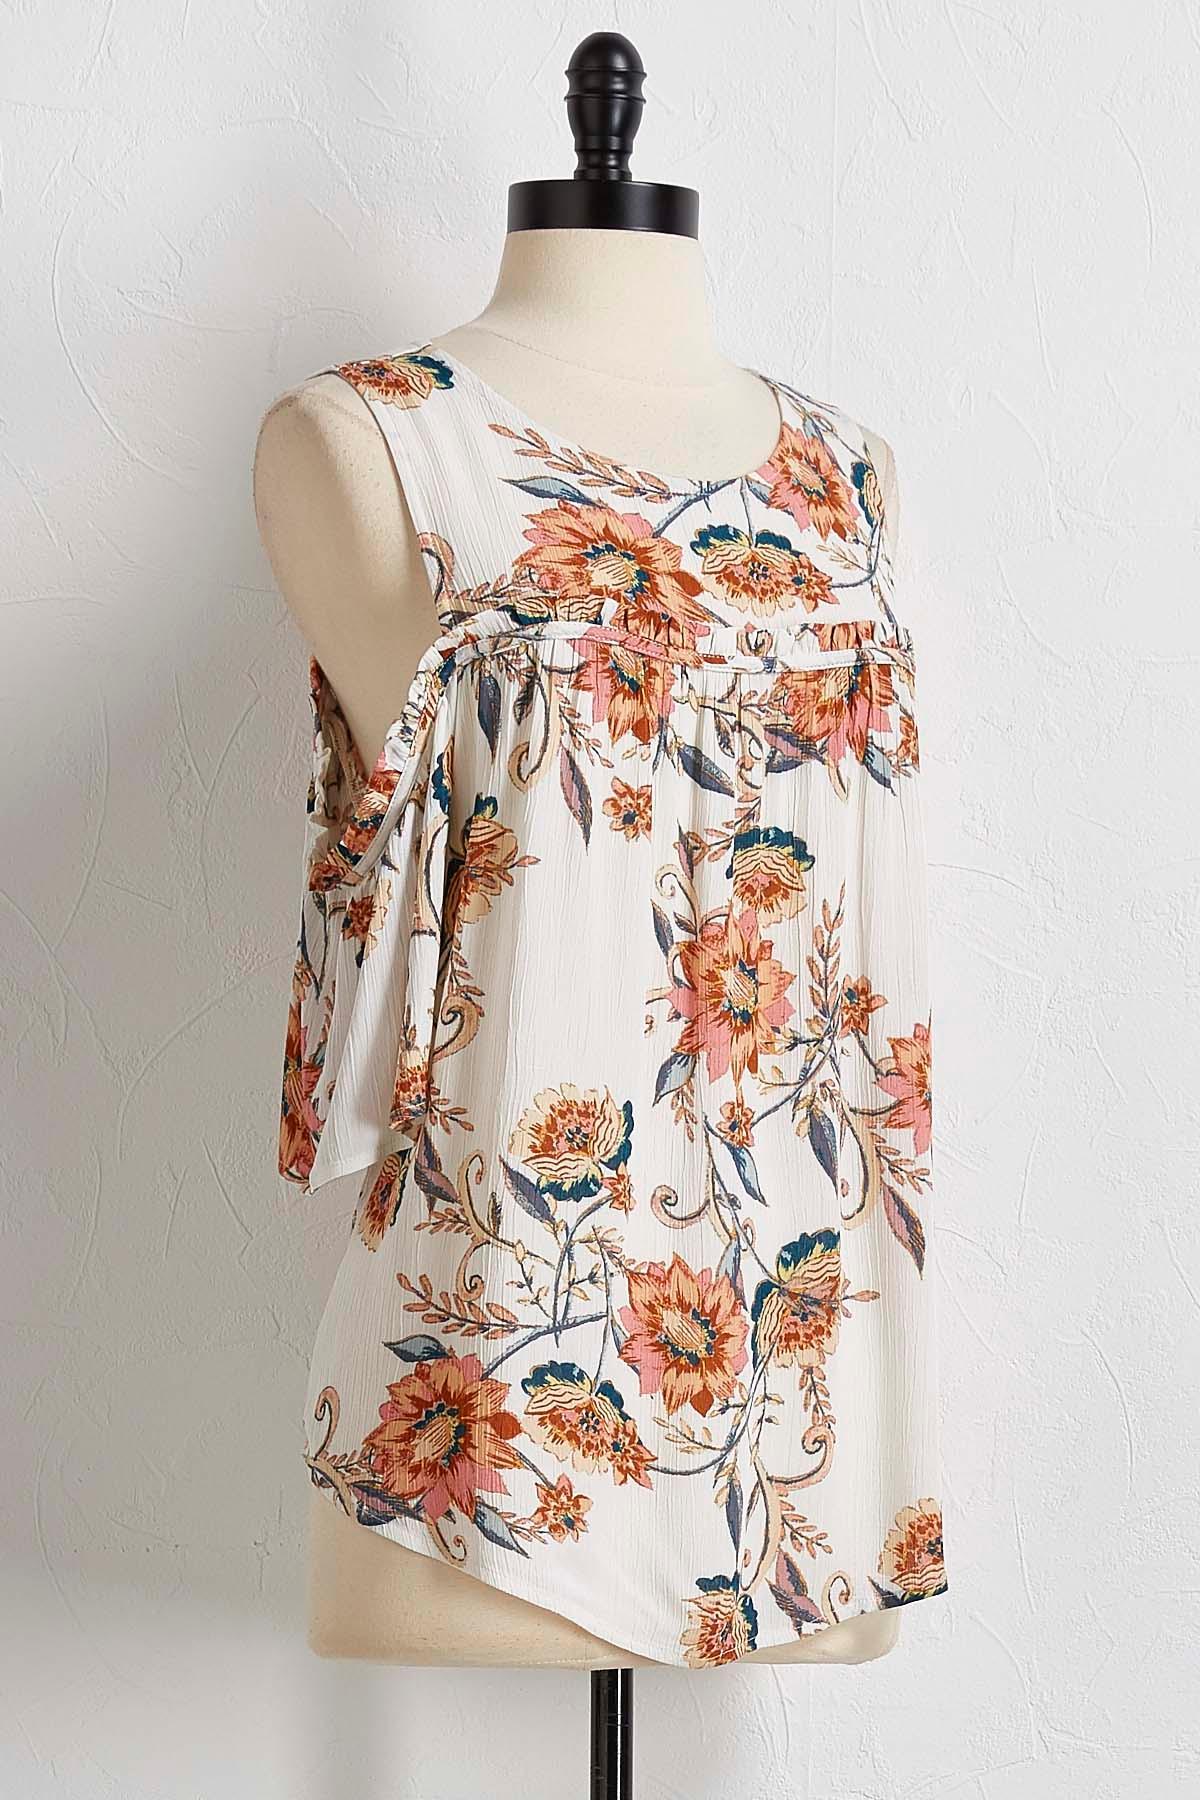 Vine Floral Bare Shoulder Top